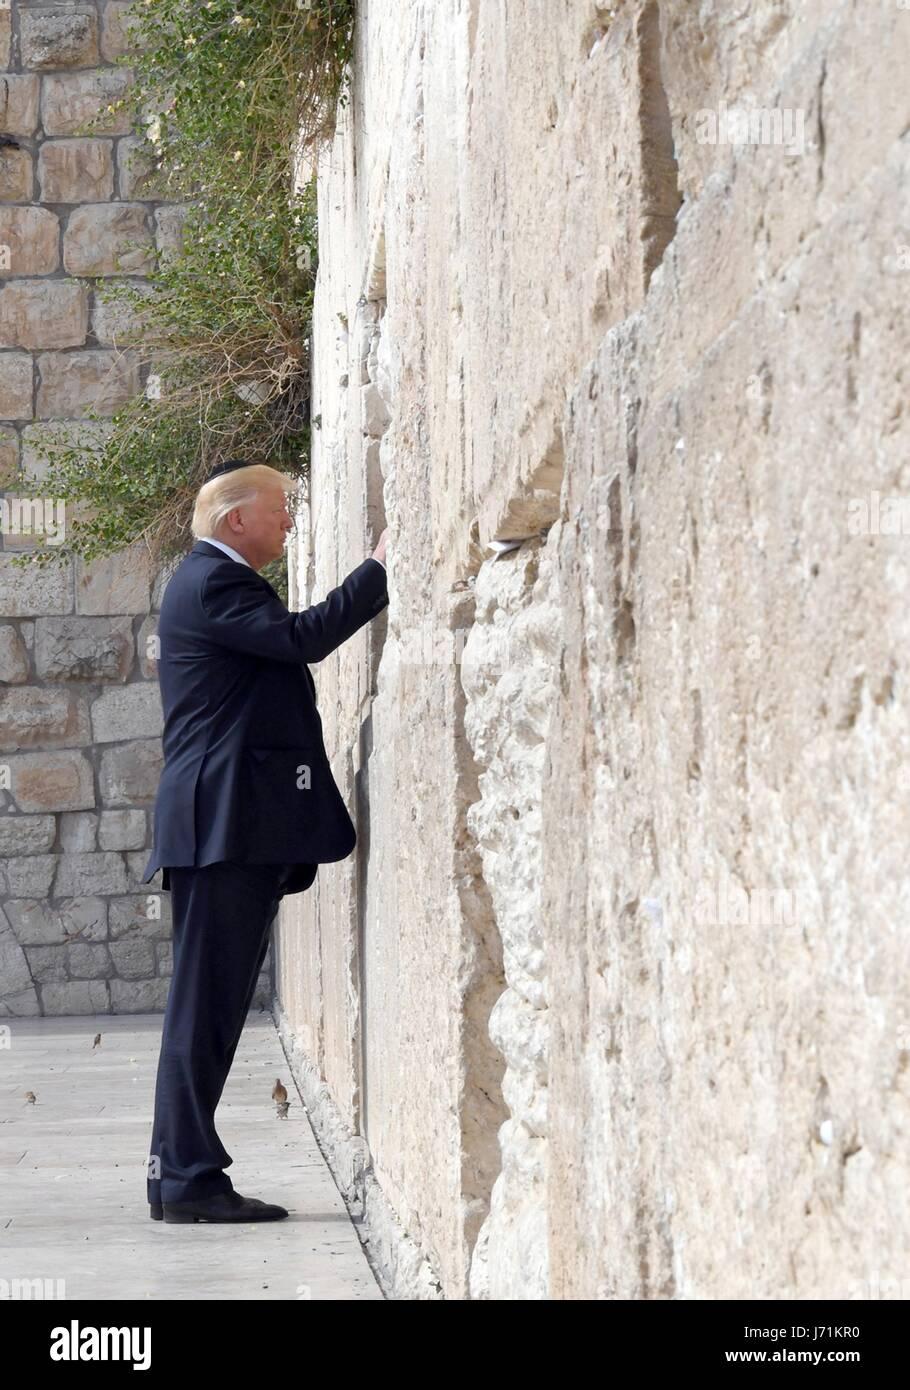 Gerusalemme, Israele. 22 Maggio, 2017. Stati Uniti Presidente Donald Trump durante una visita al Muro Occidentale Immagini Stock